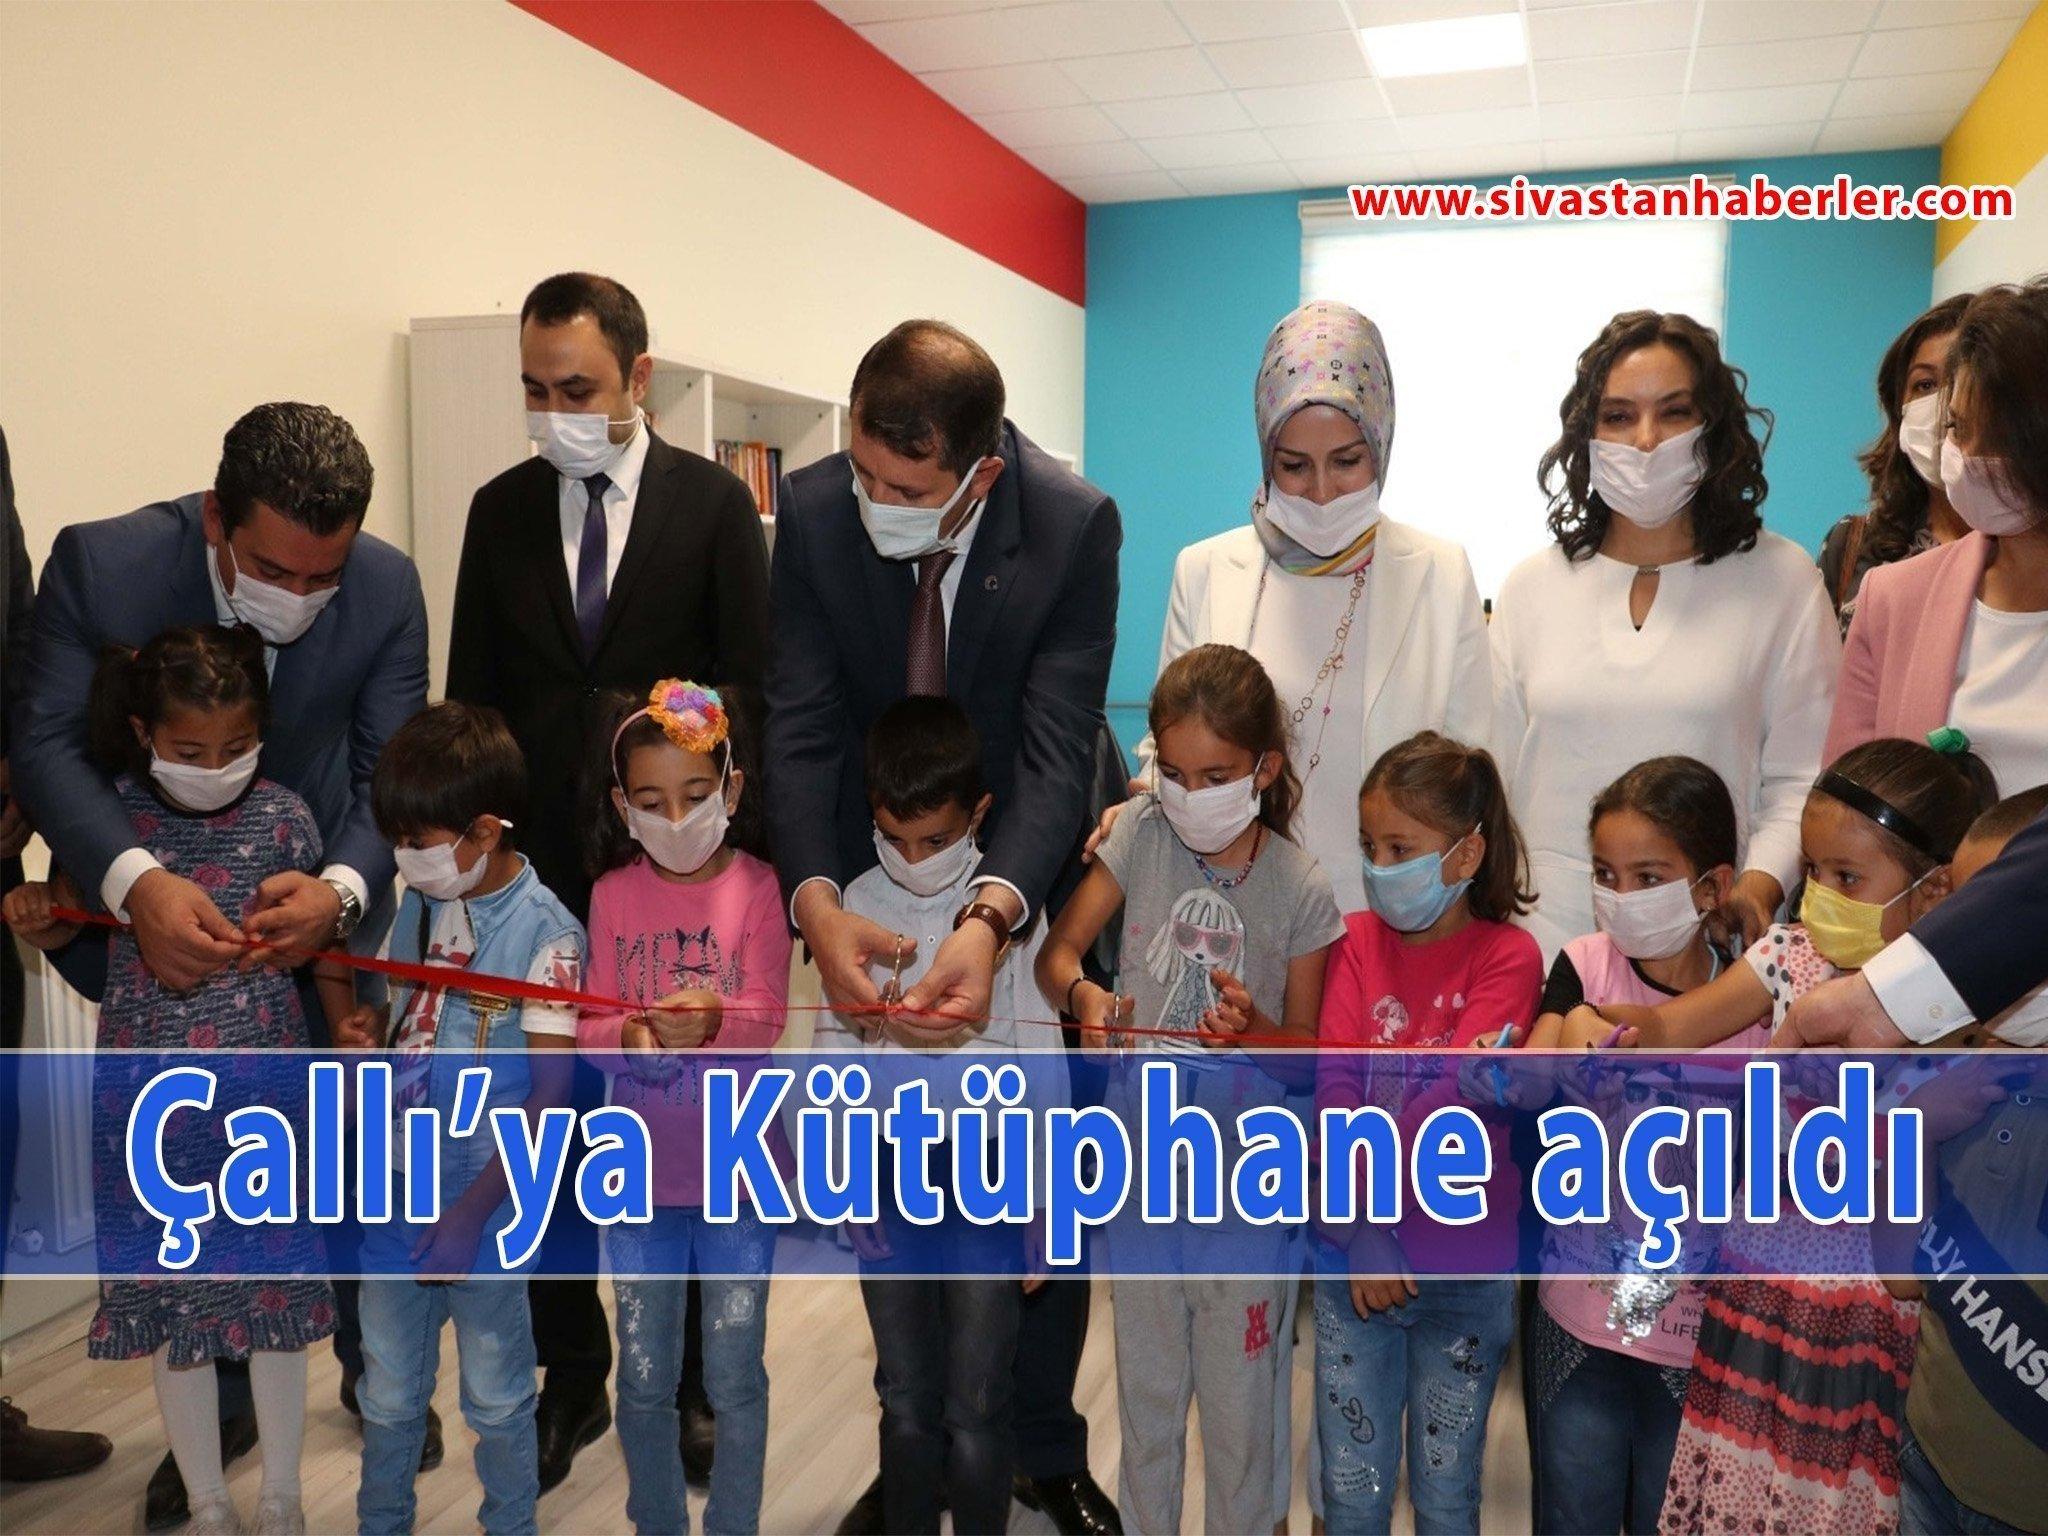 Çallı'ya Kütüphane açıldı